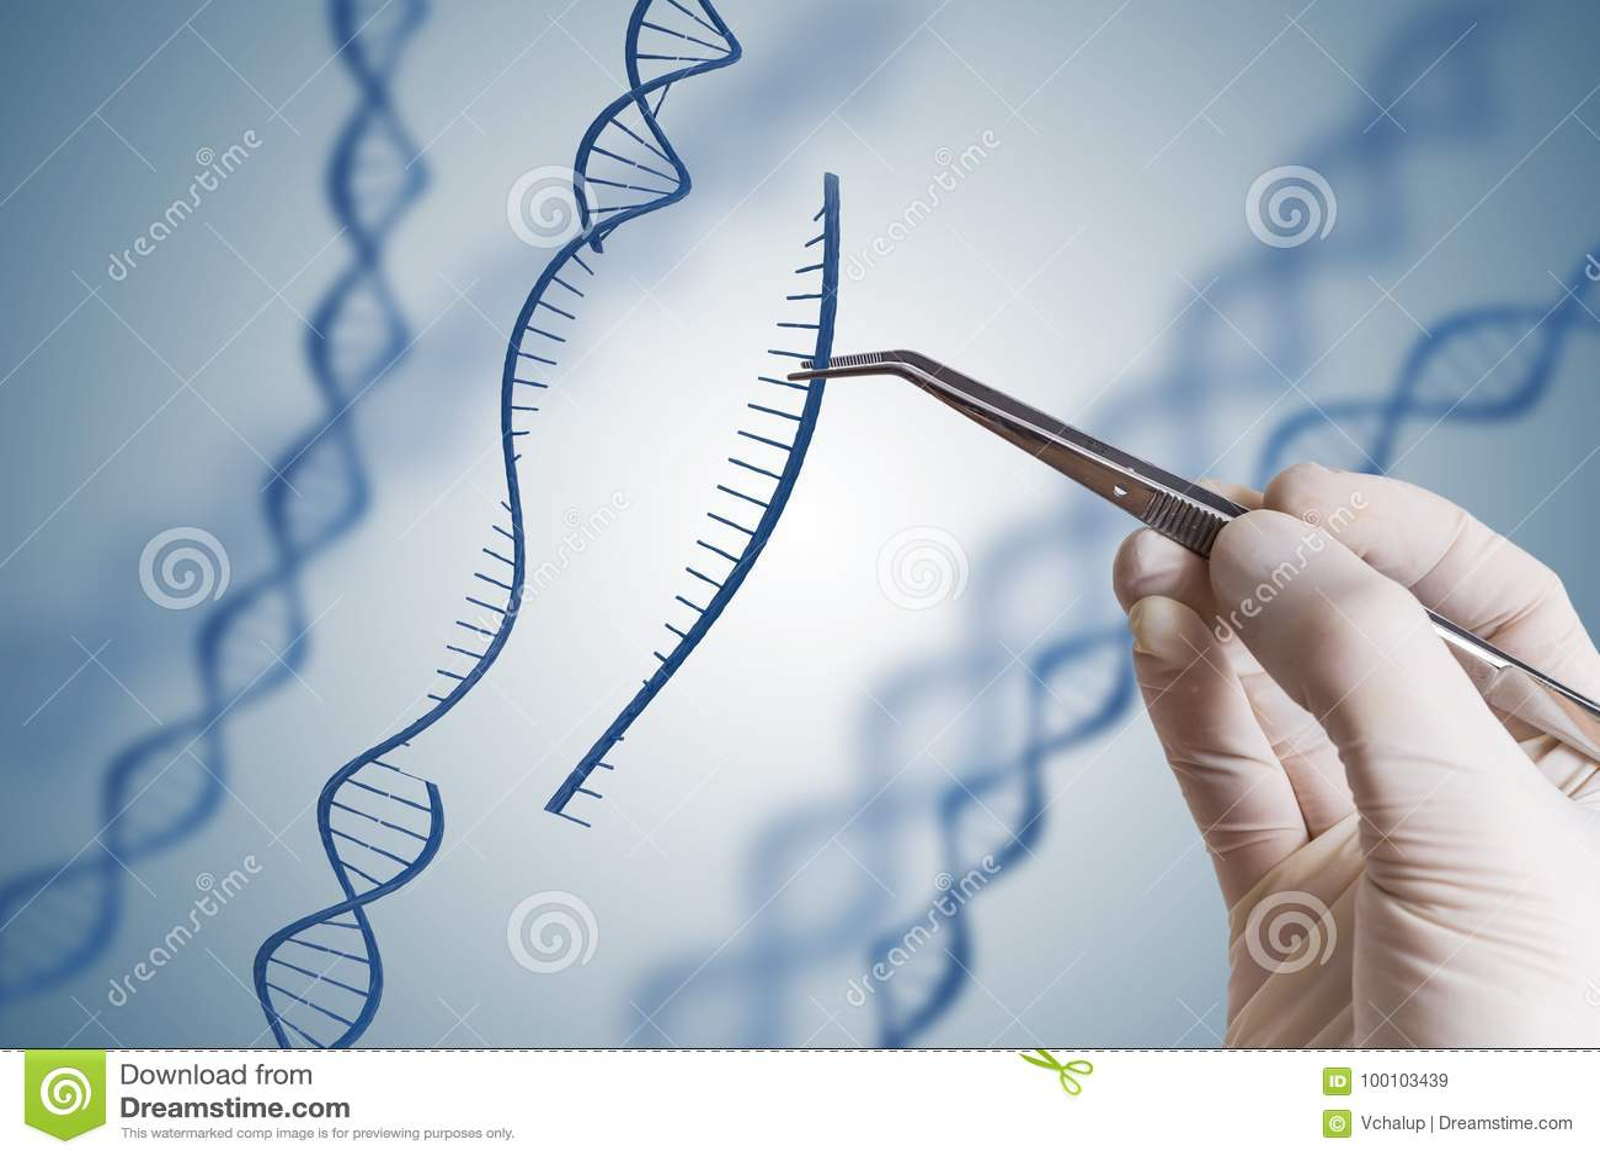 Genética, GMO e conceito da manipulação do gene A mão está introduzindo a sequência do ADN